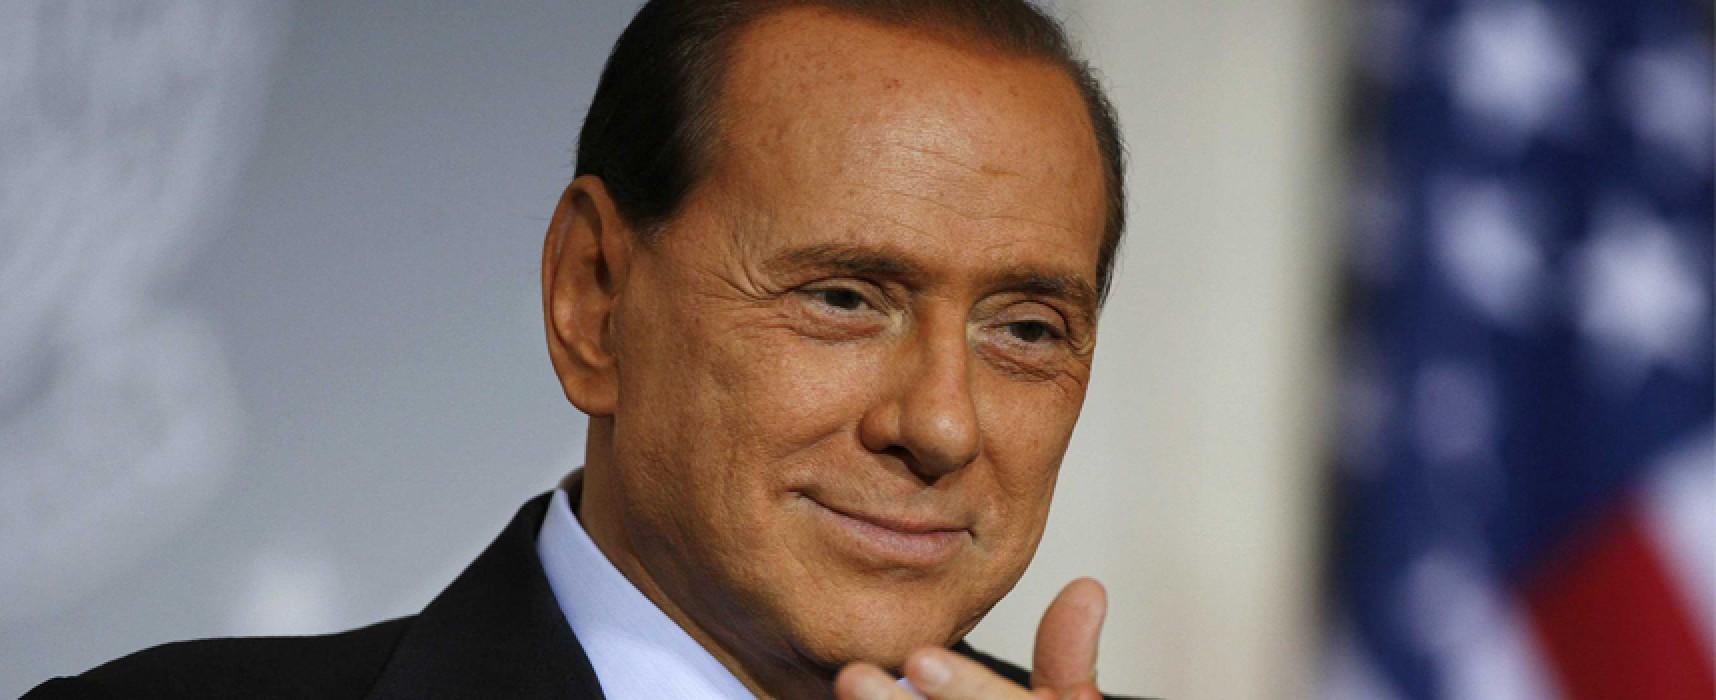 Oggi è il giorno di Berlusconi a Bisceglie, domani è il turno di Maurizio Gasparri